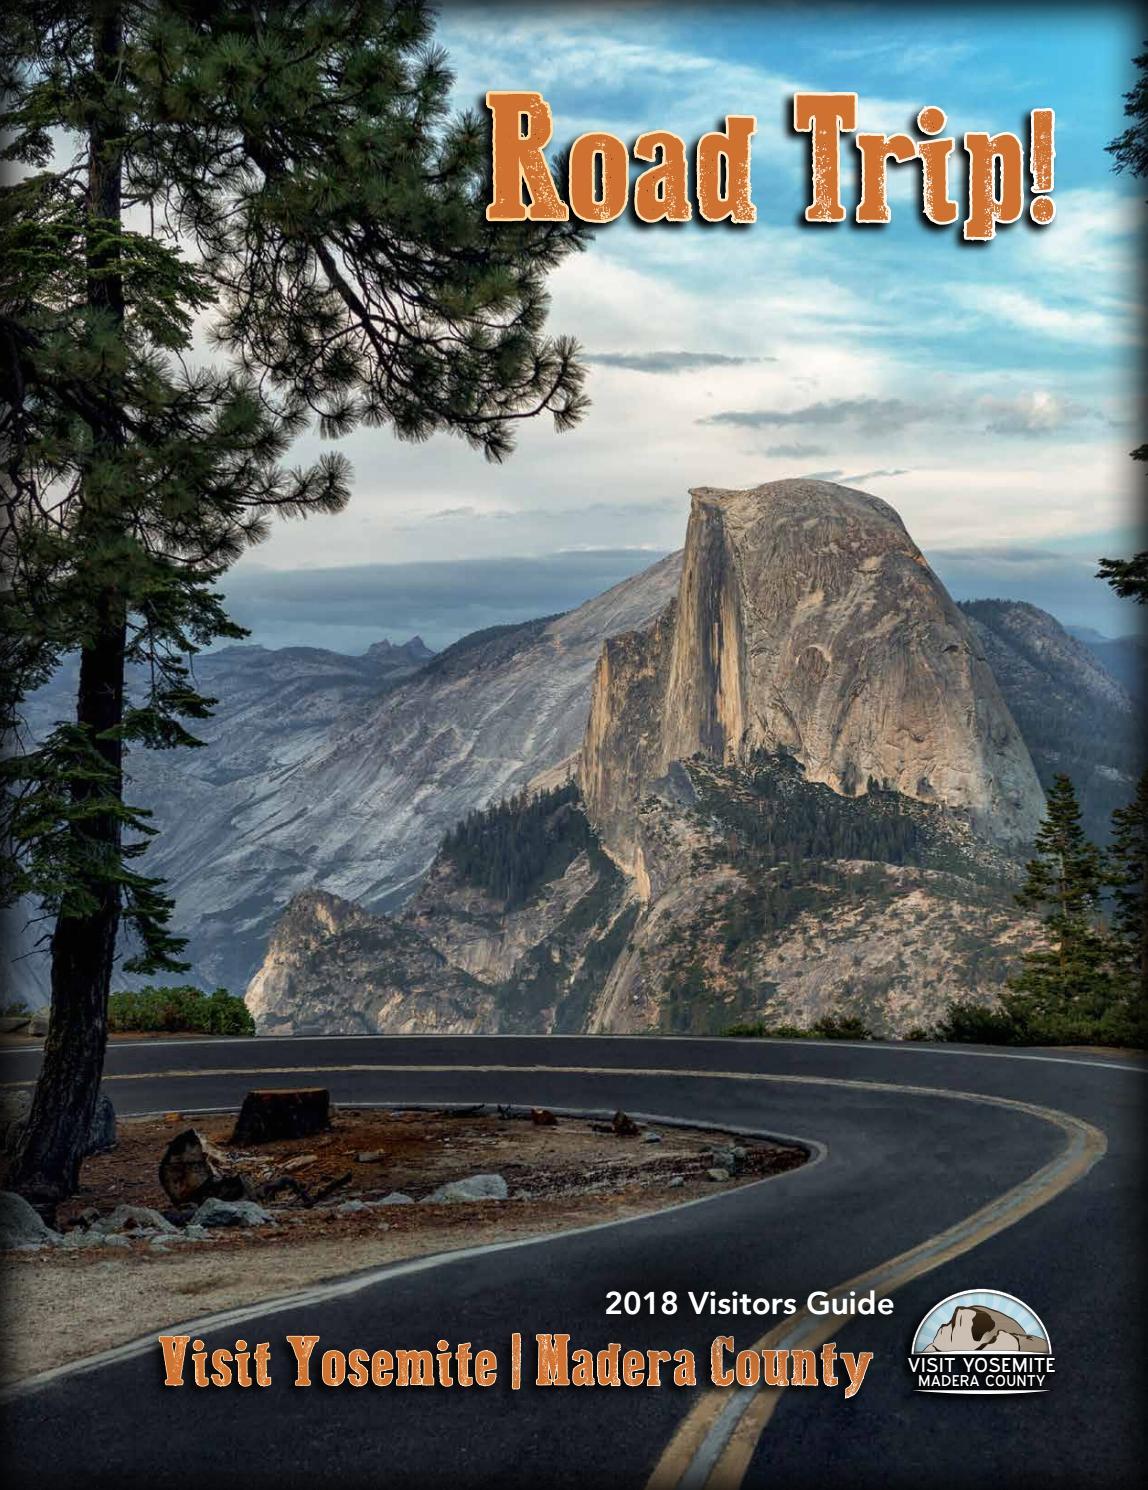 Westbrook Wine Yosemite Road Trip